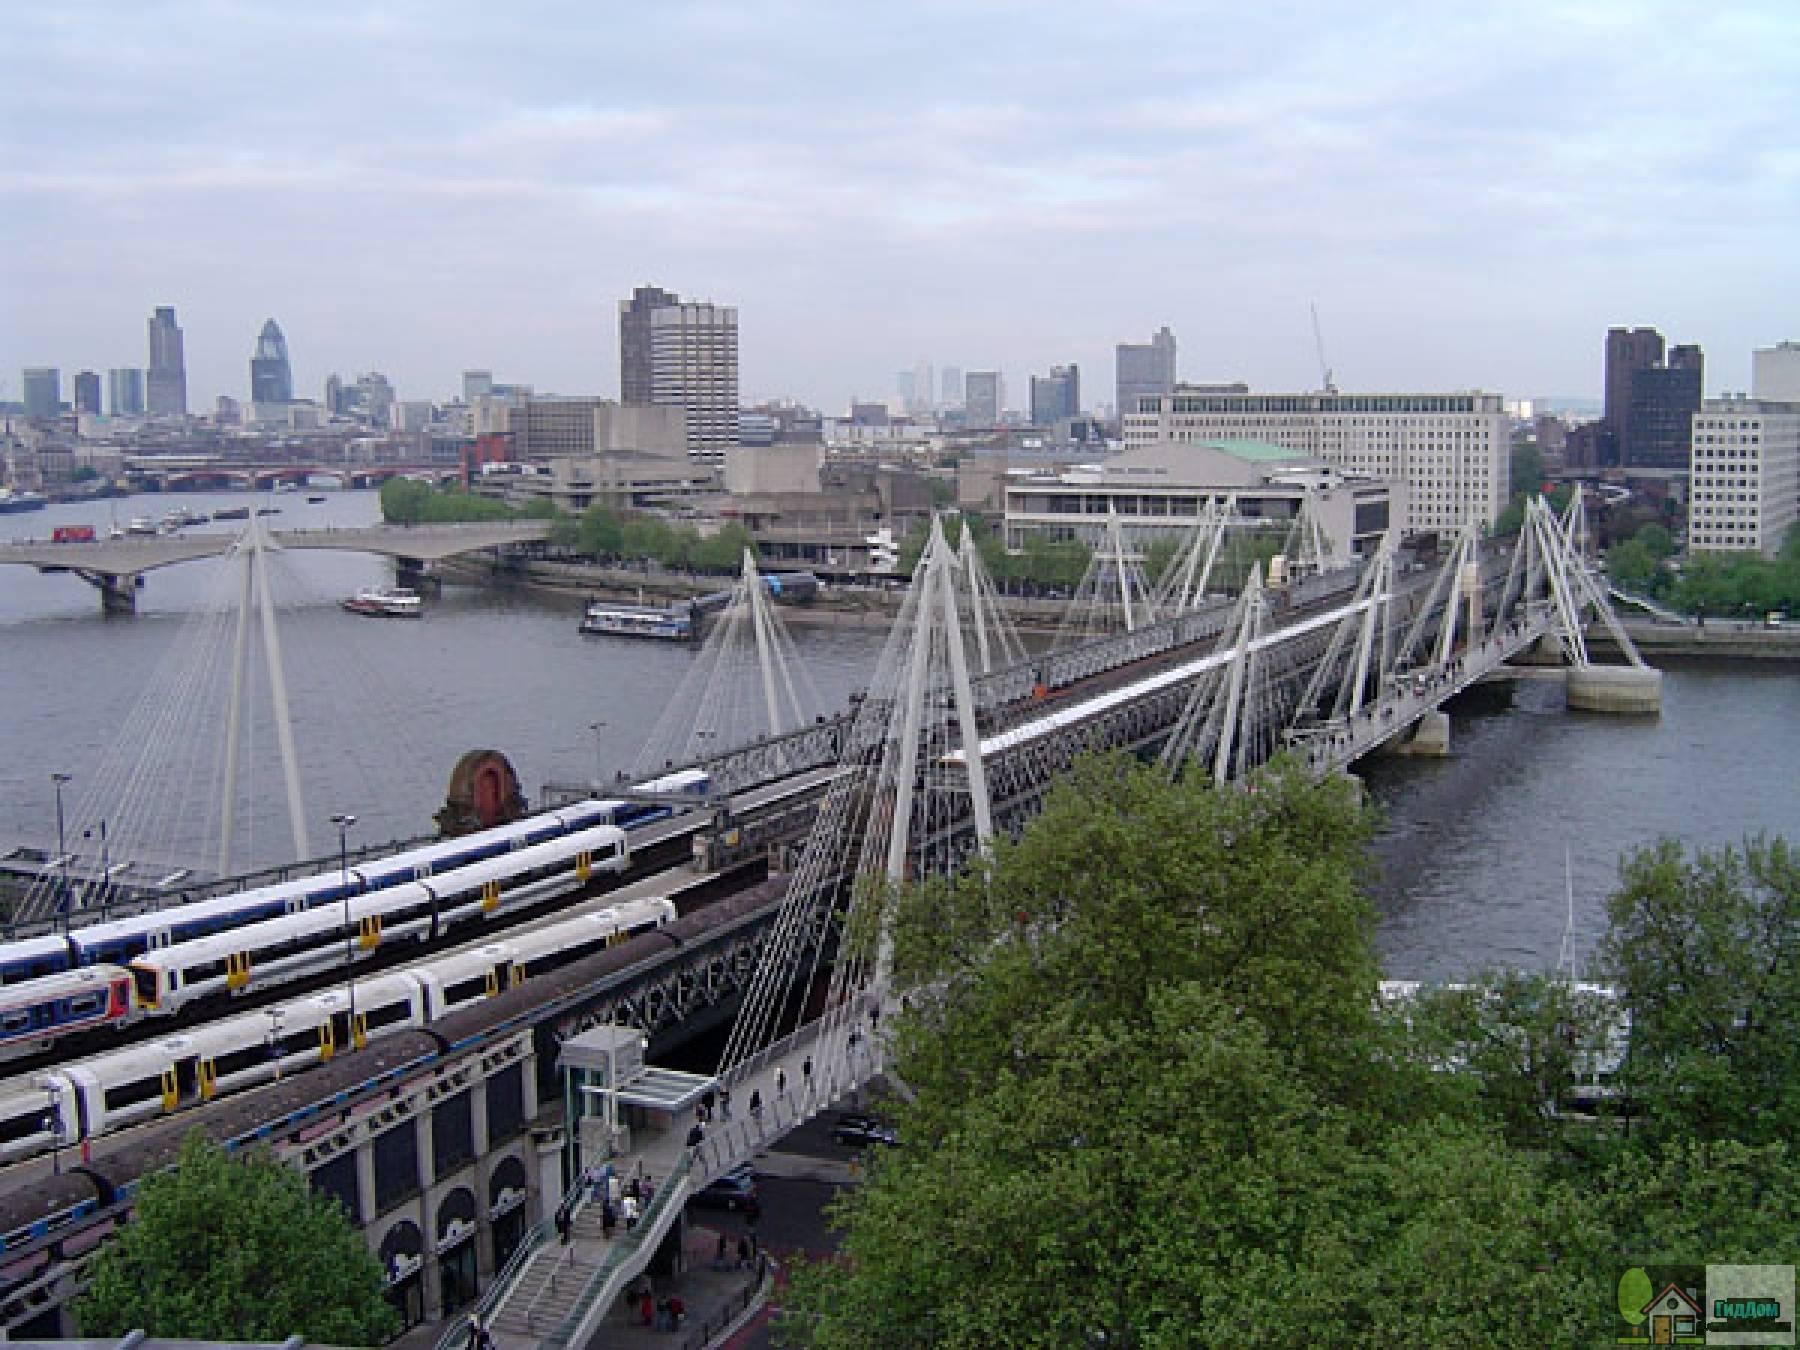 Мост Хунгерфорд и Золотой юбилейный мост